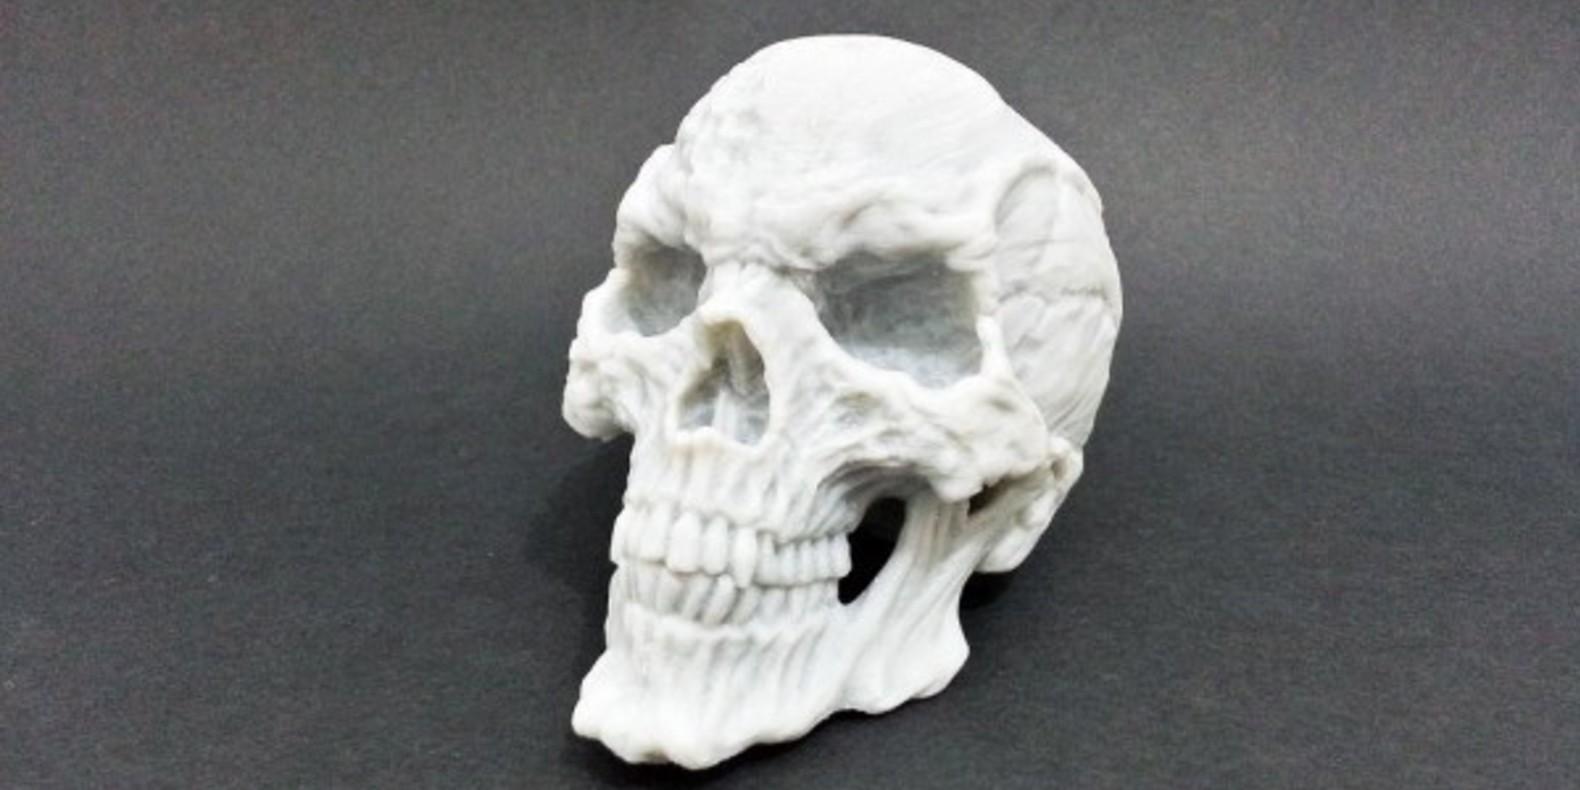 6.1 Horror Skull - Kfir - Cults crânes imprimés en 3D